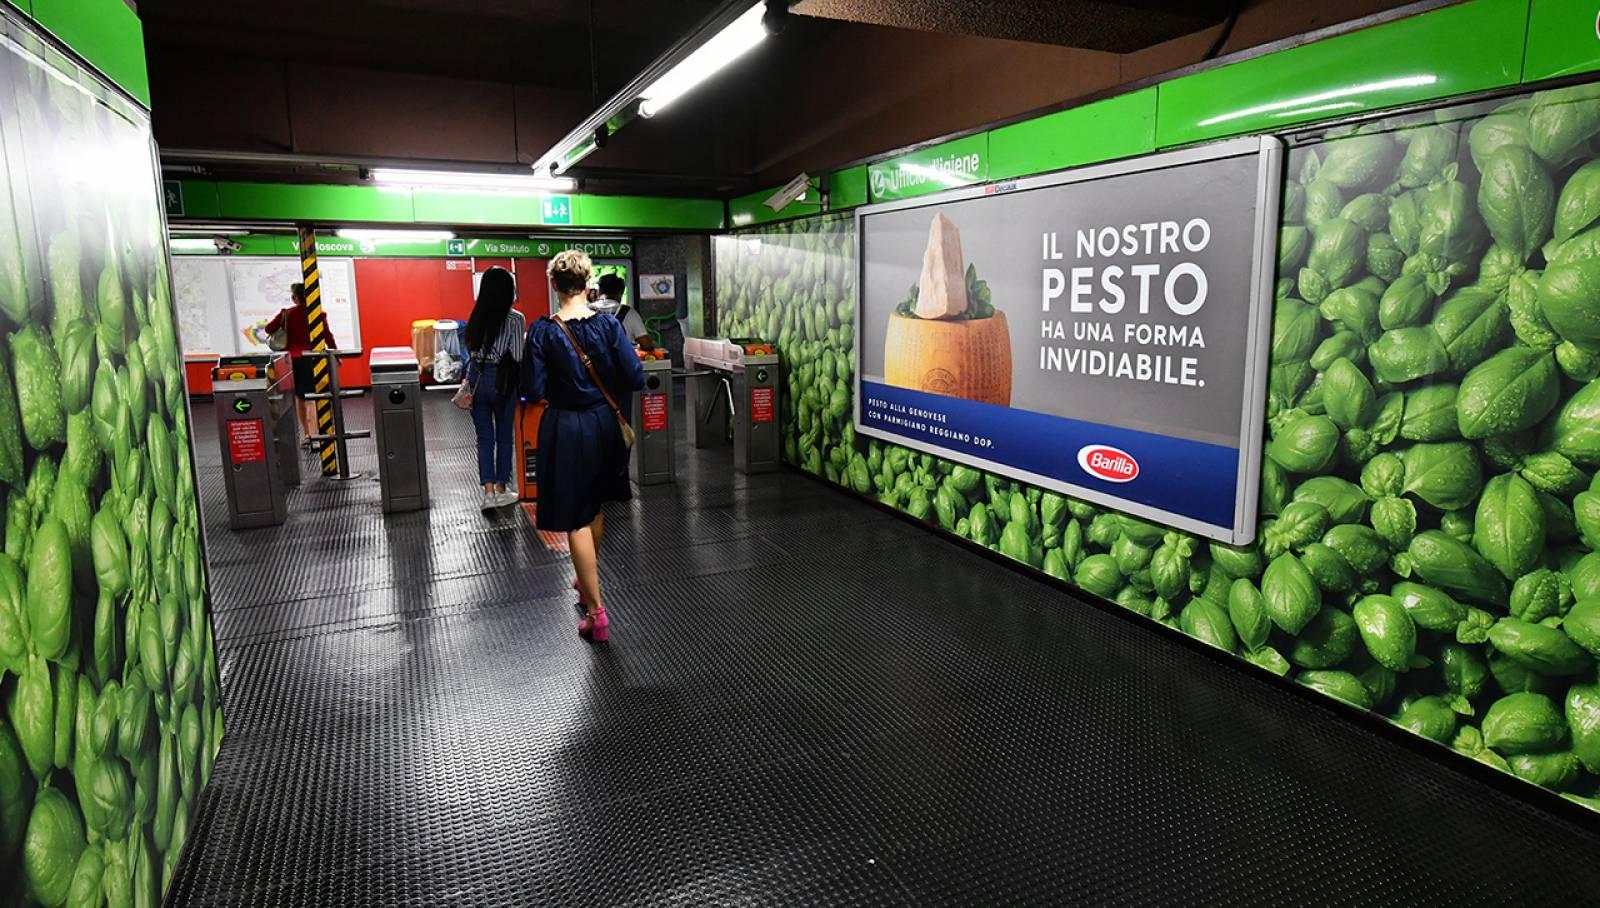 Pubblicità in metropolitana a Milano Station Domination IGPDecaux per Barilla